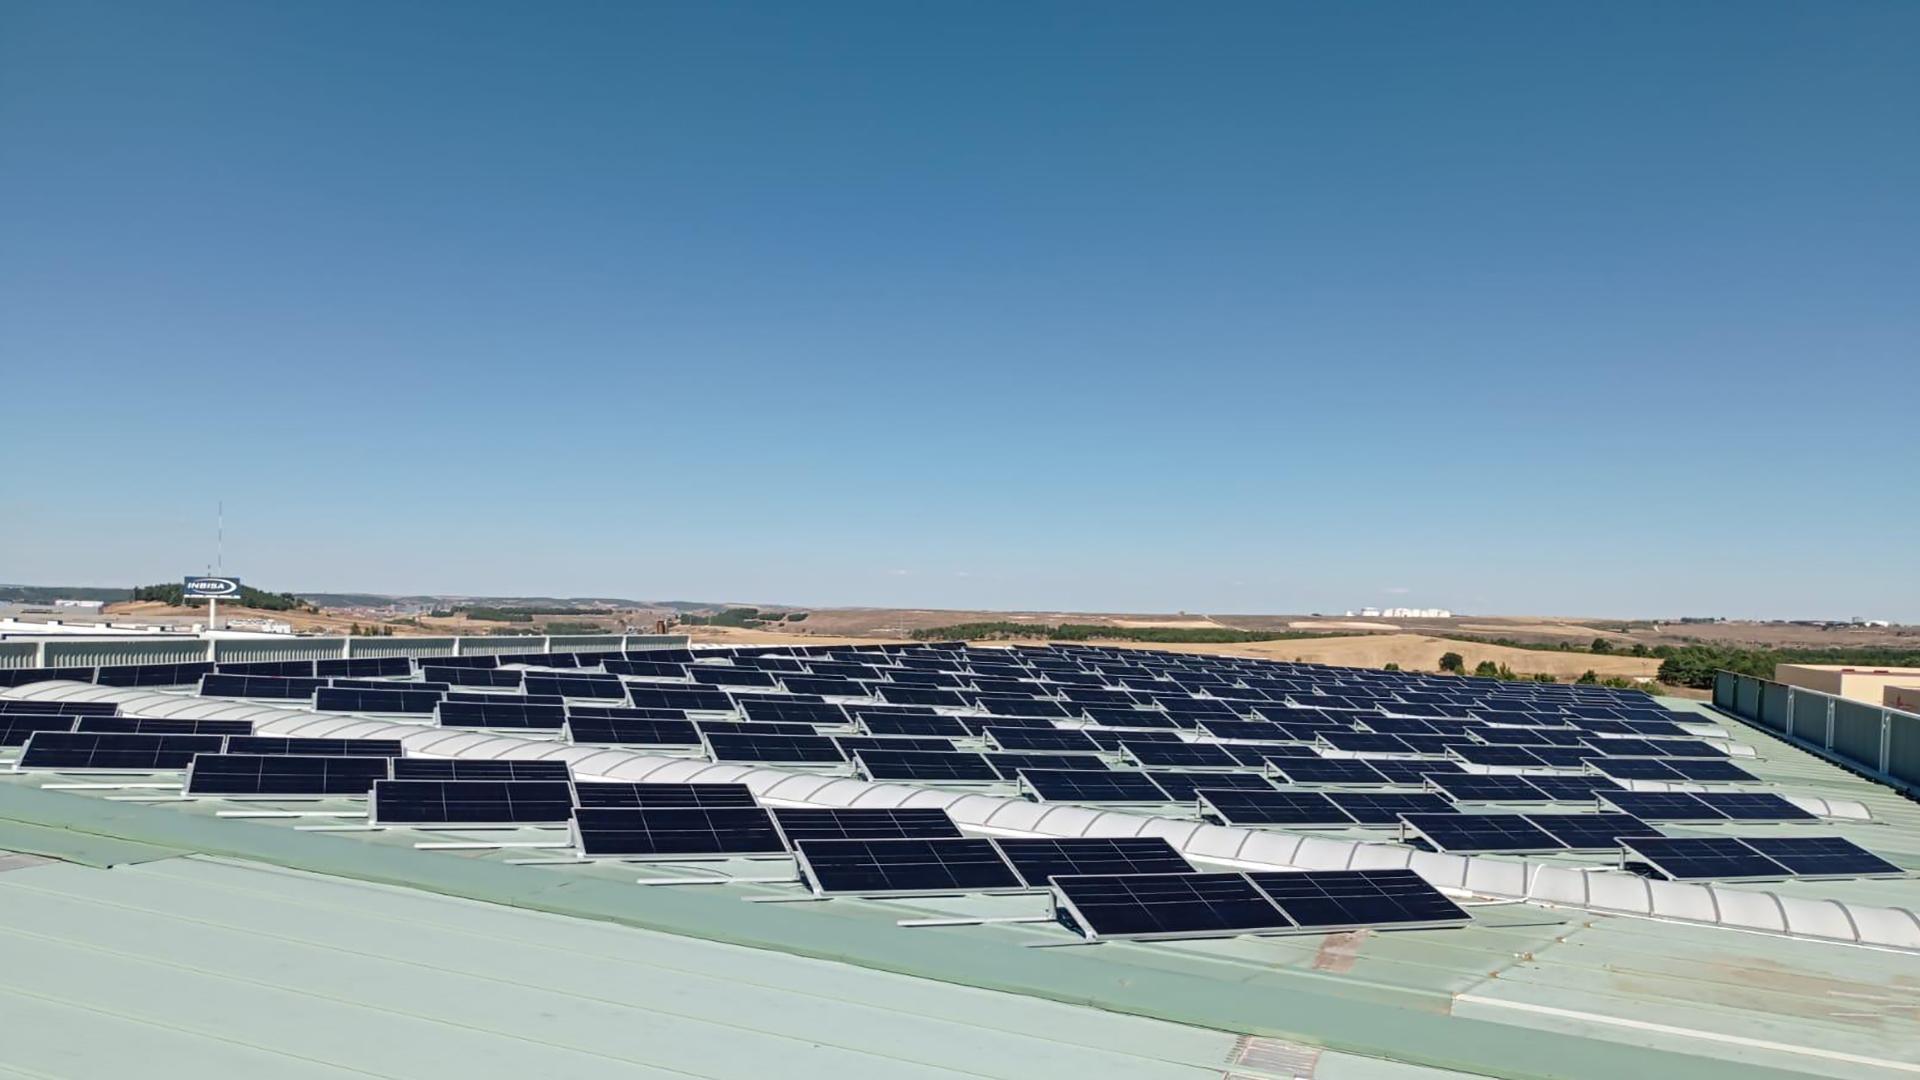 Instalación de autoconsumo fotovoltaico en Vyrsa | EDF Solar